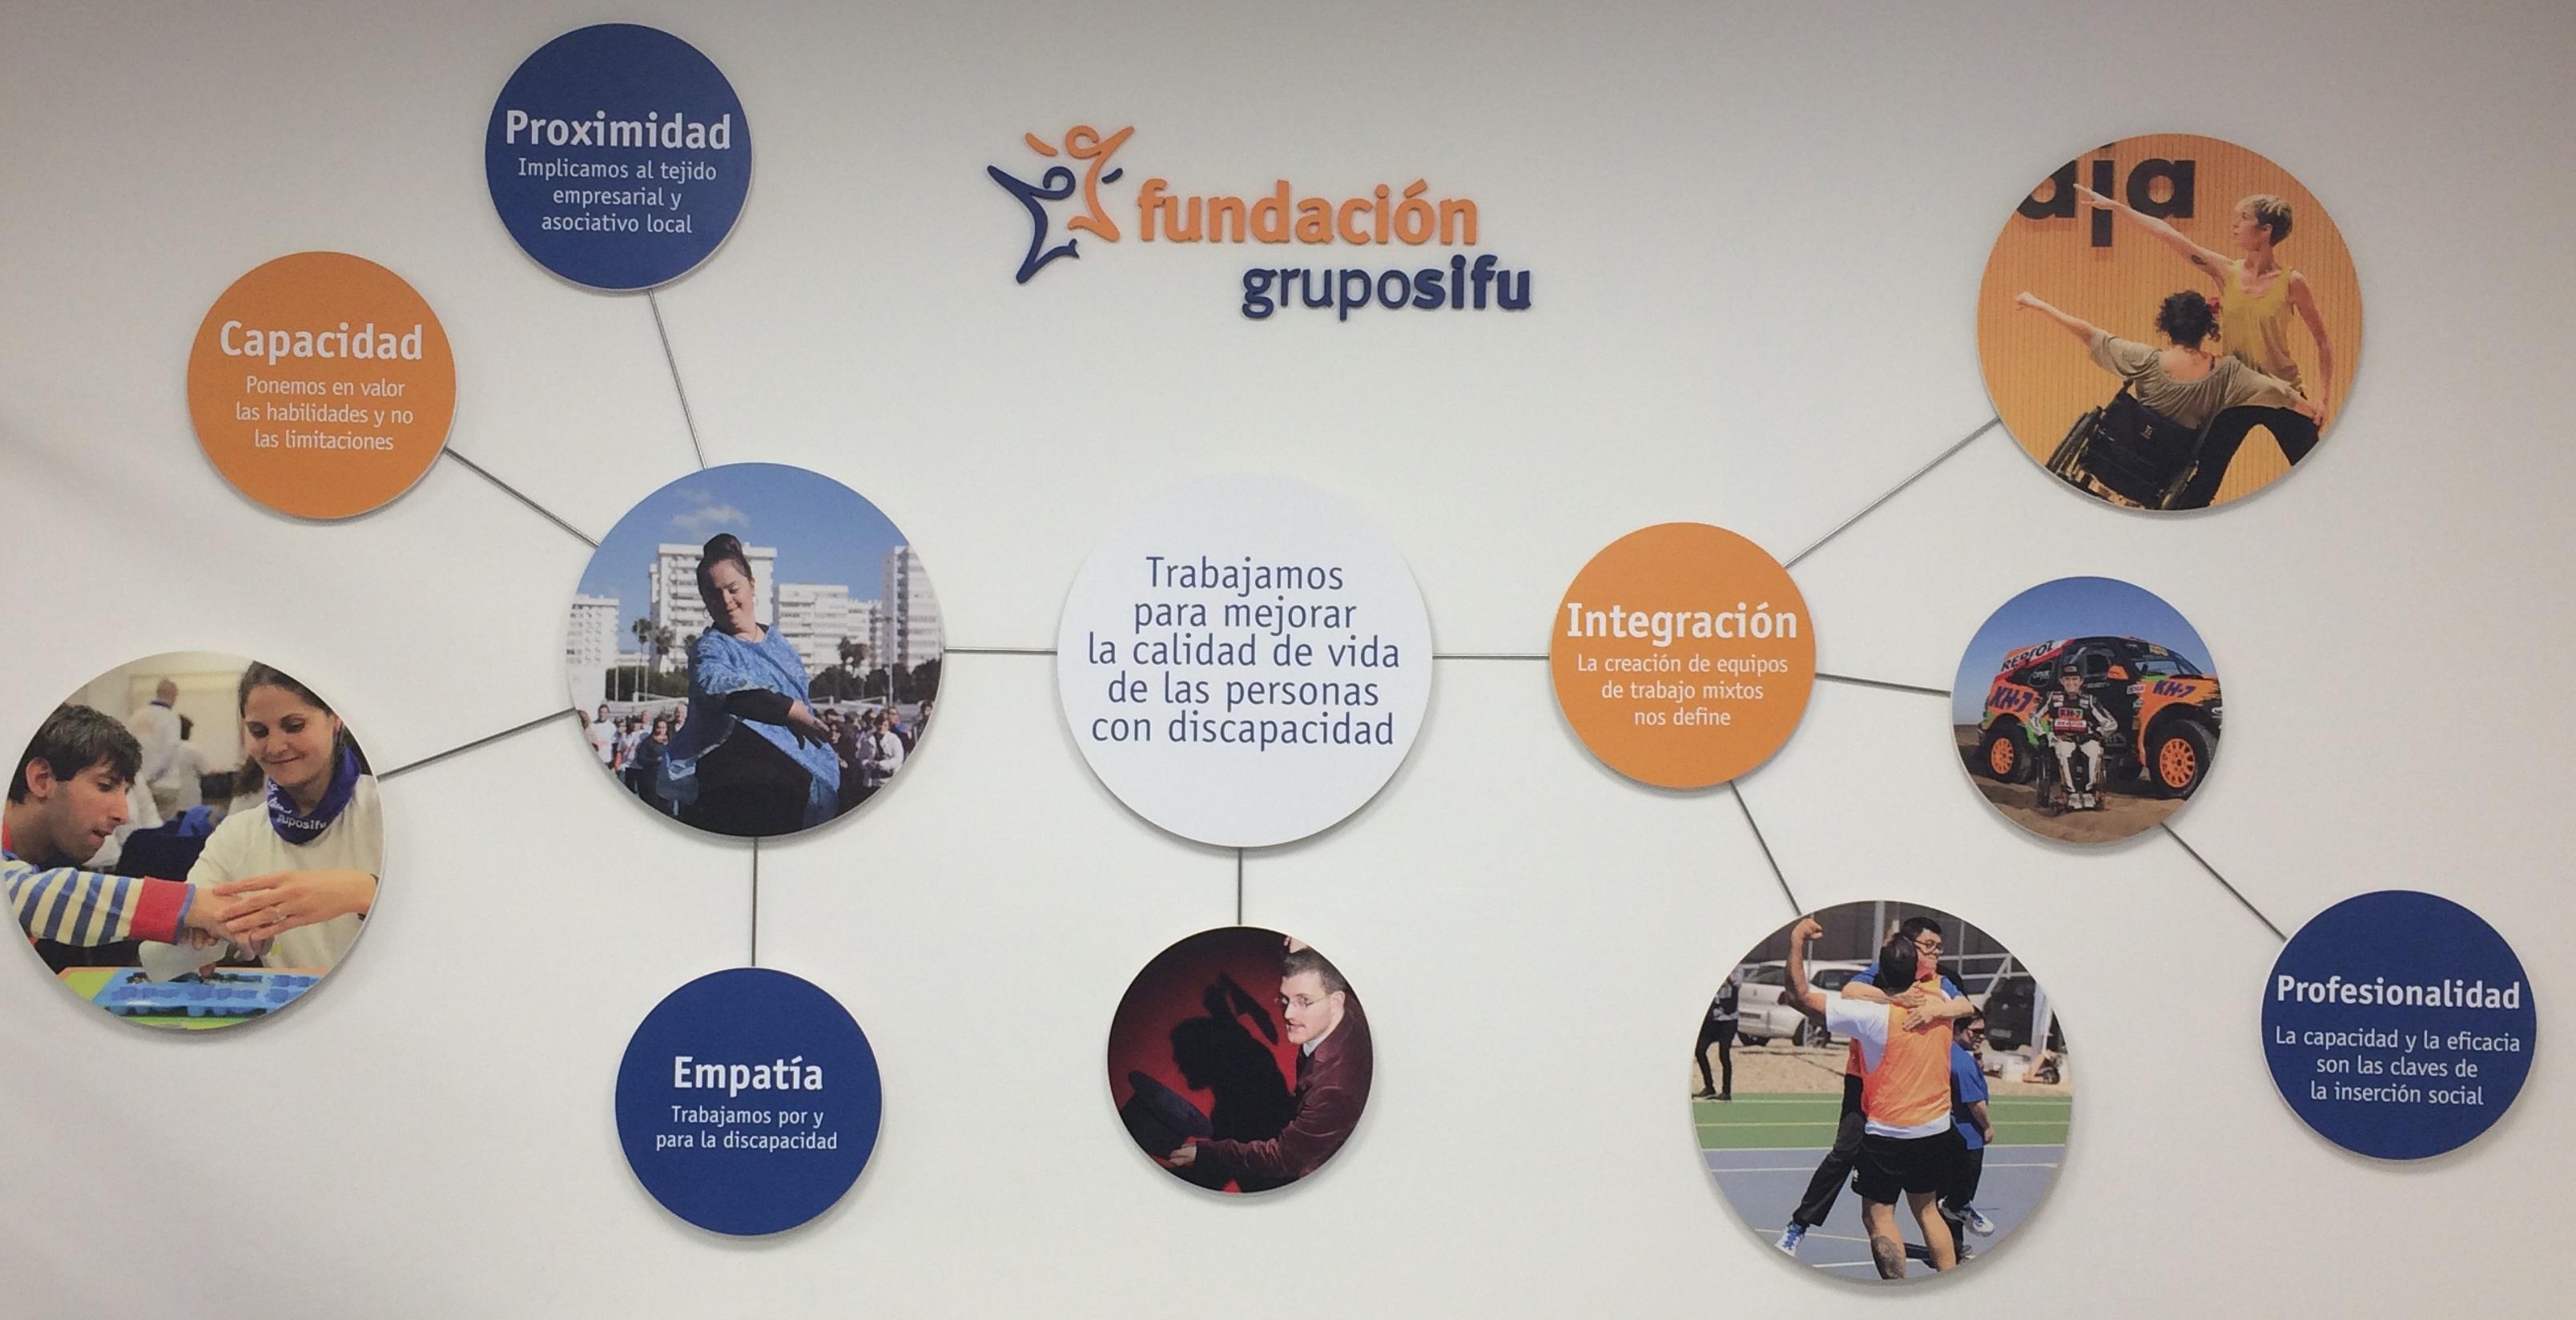 Fundación Grupo SIFU fomentando la inclusión laboral